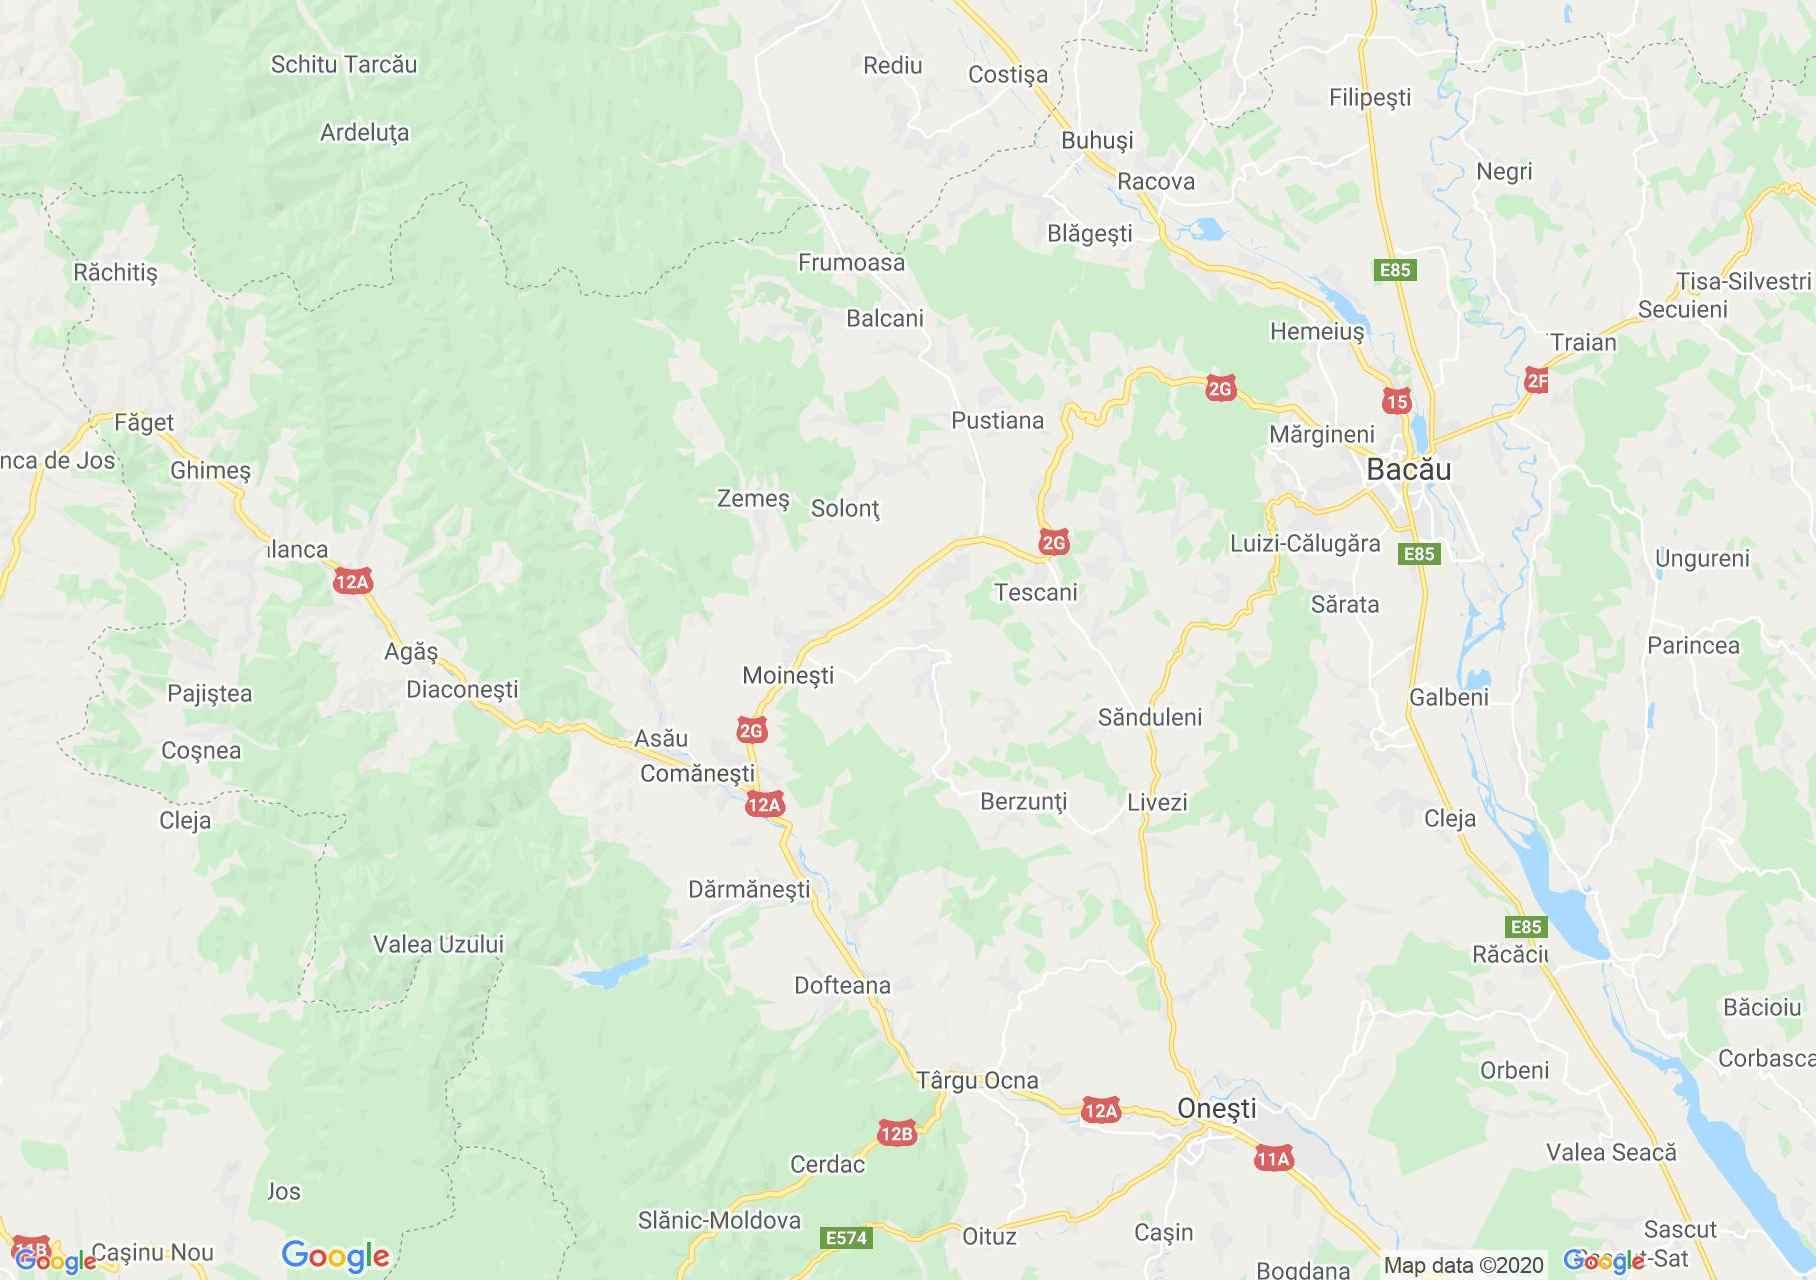 Folklor: Moldvai csángók népviselete (térkép)